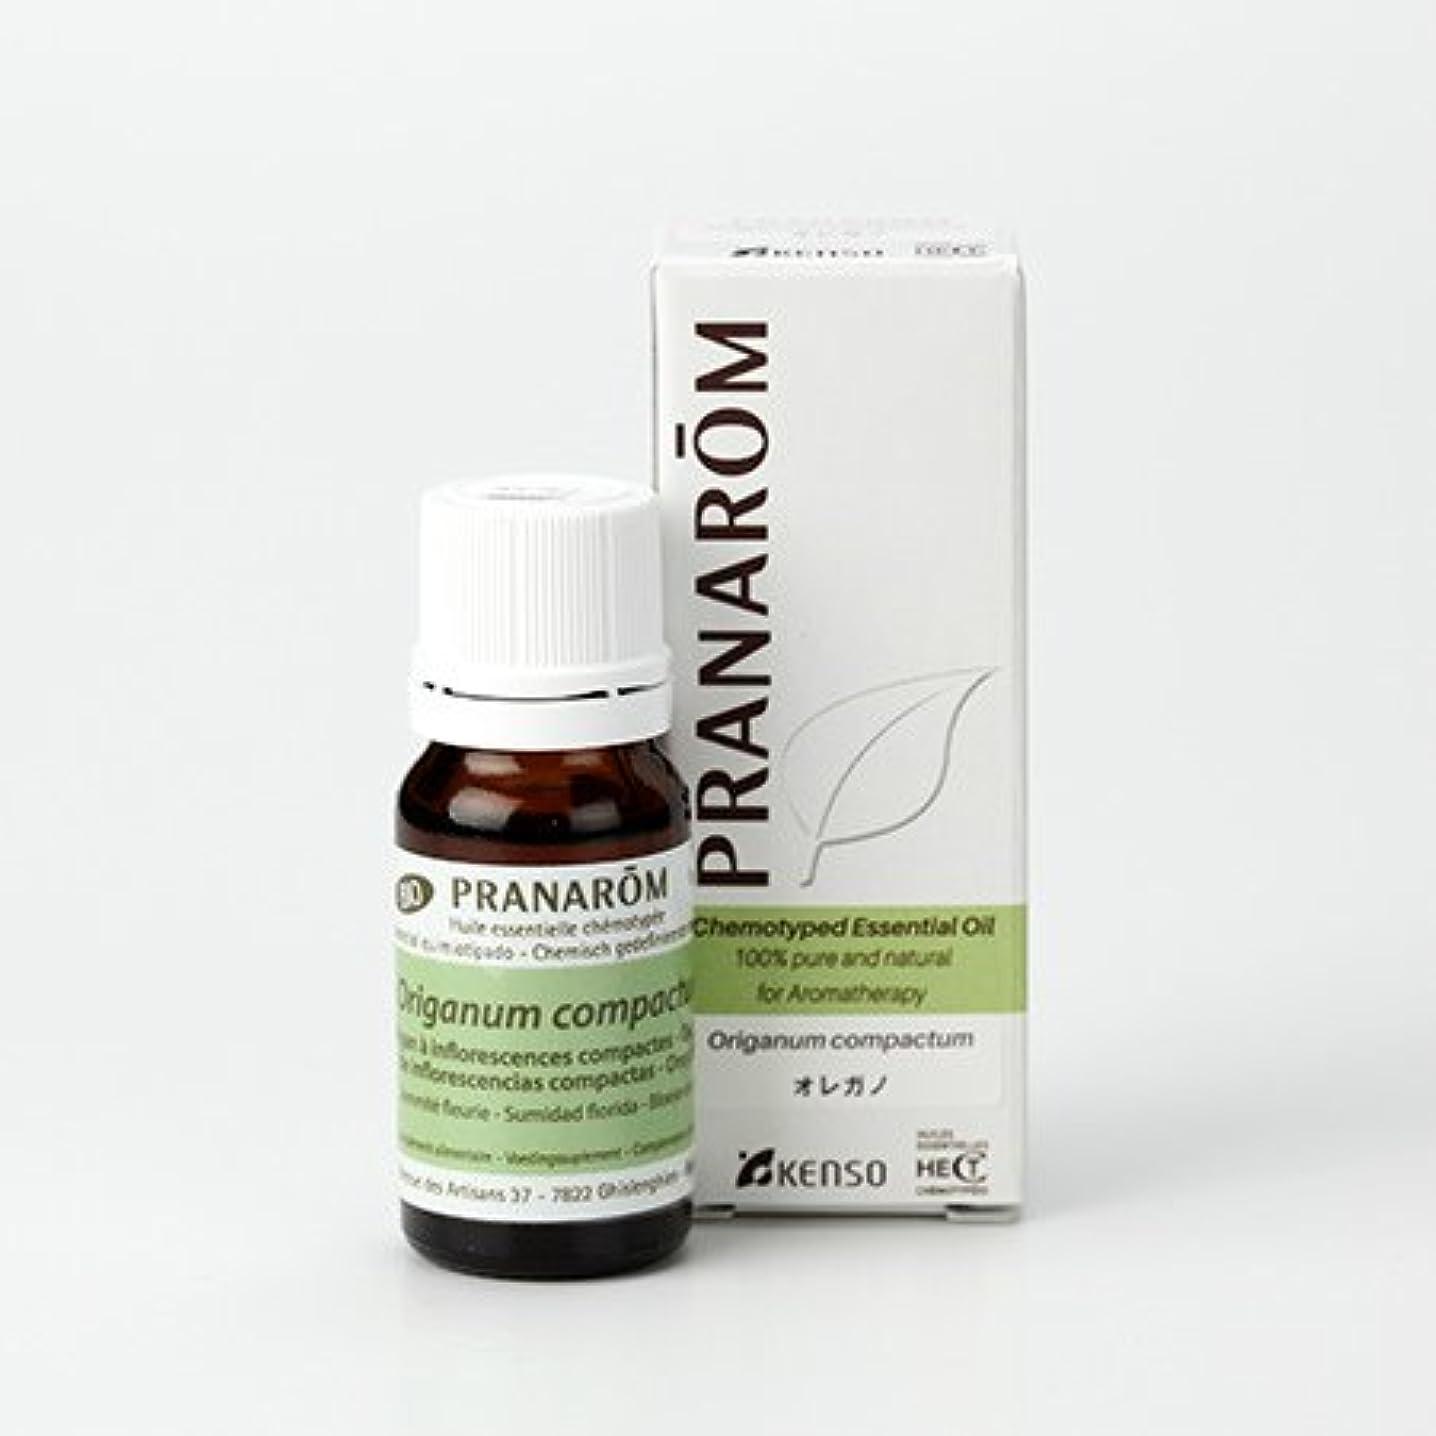 排泄するイヤホン執着プラナロム オレガノ 10ml (PRANAROM ケモタイプ精油)